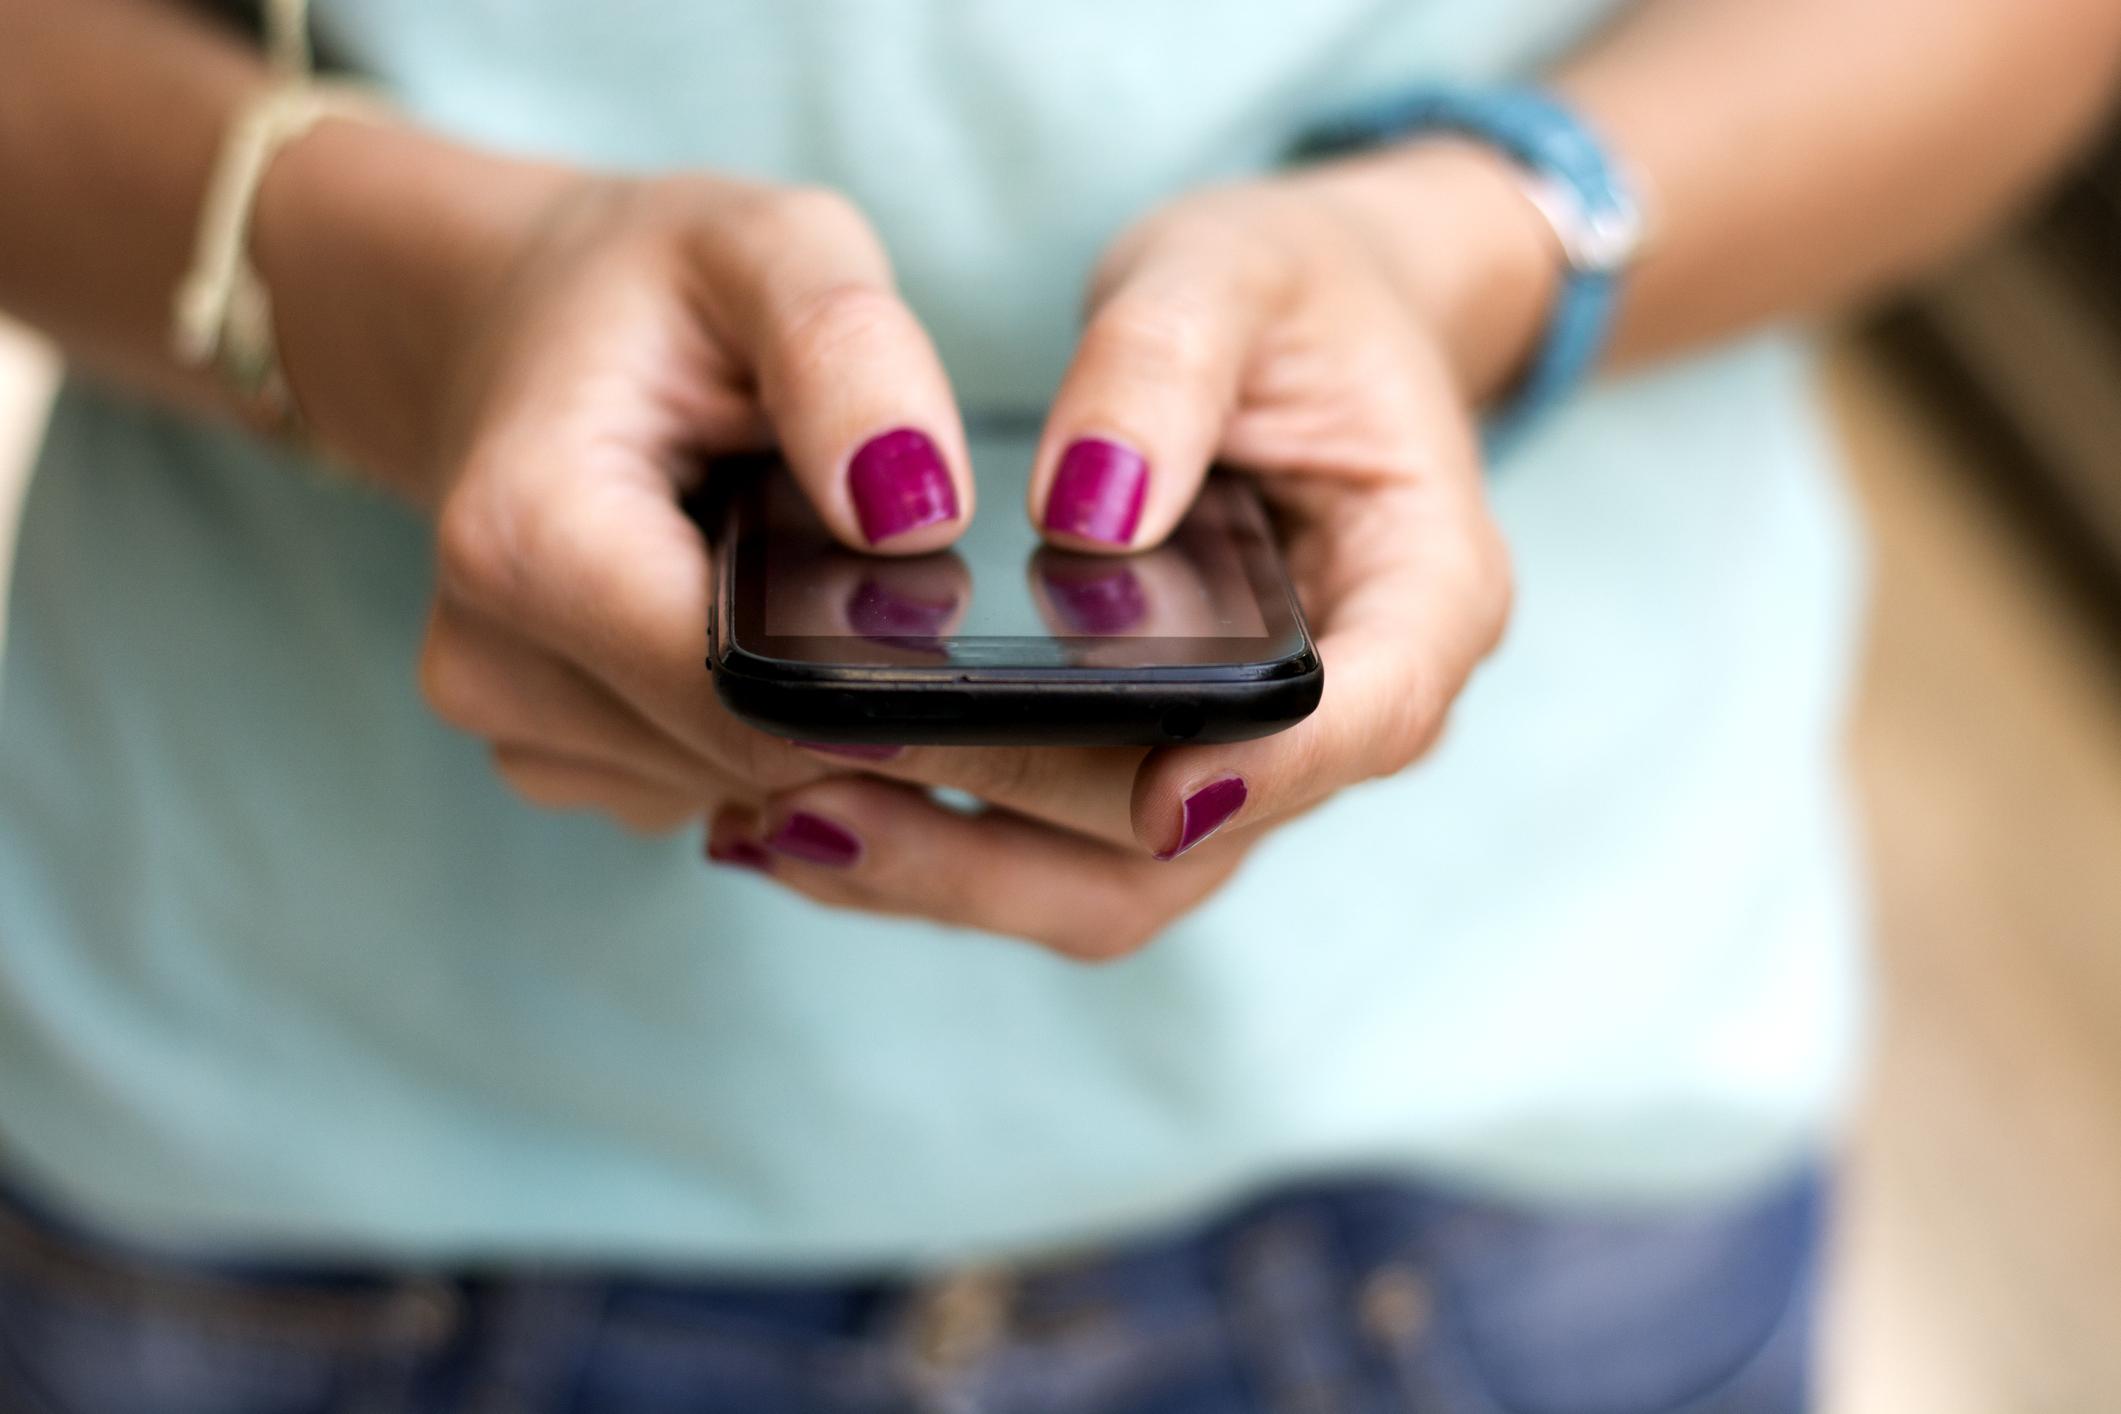 Вы знали, что на Андроид есть безопасный режим?